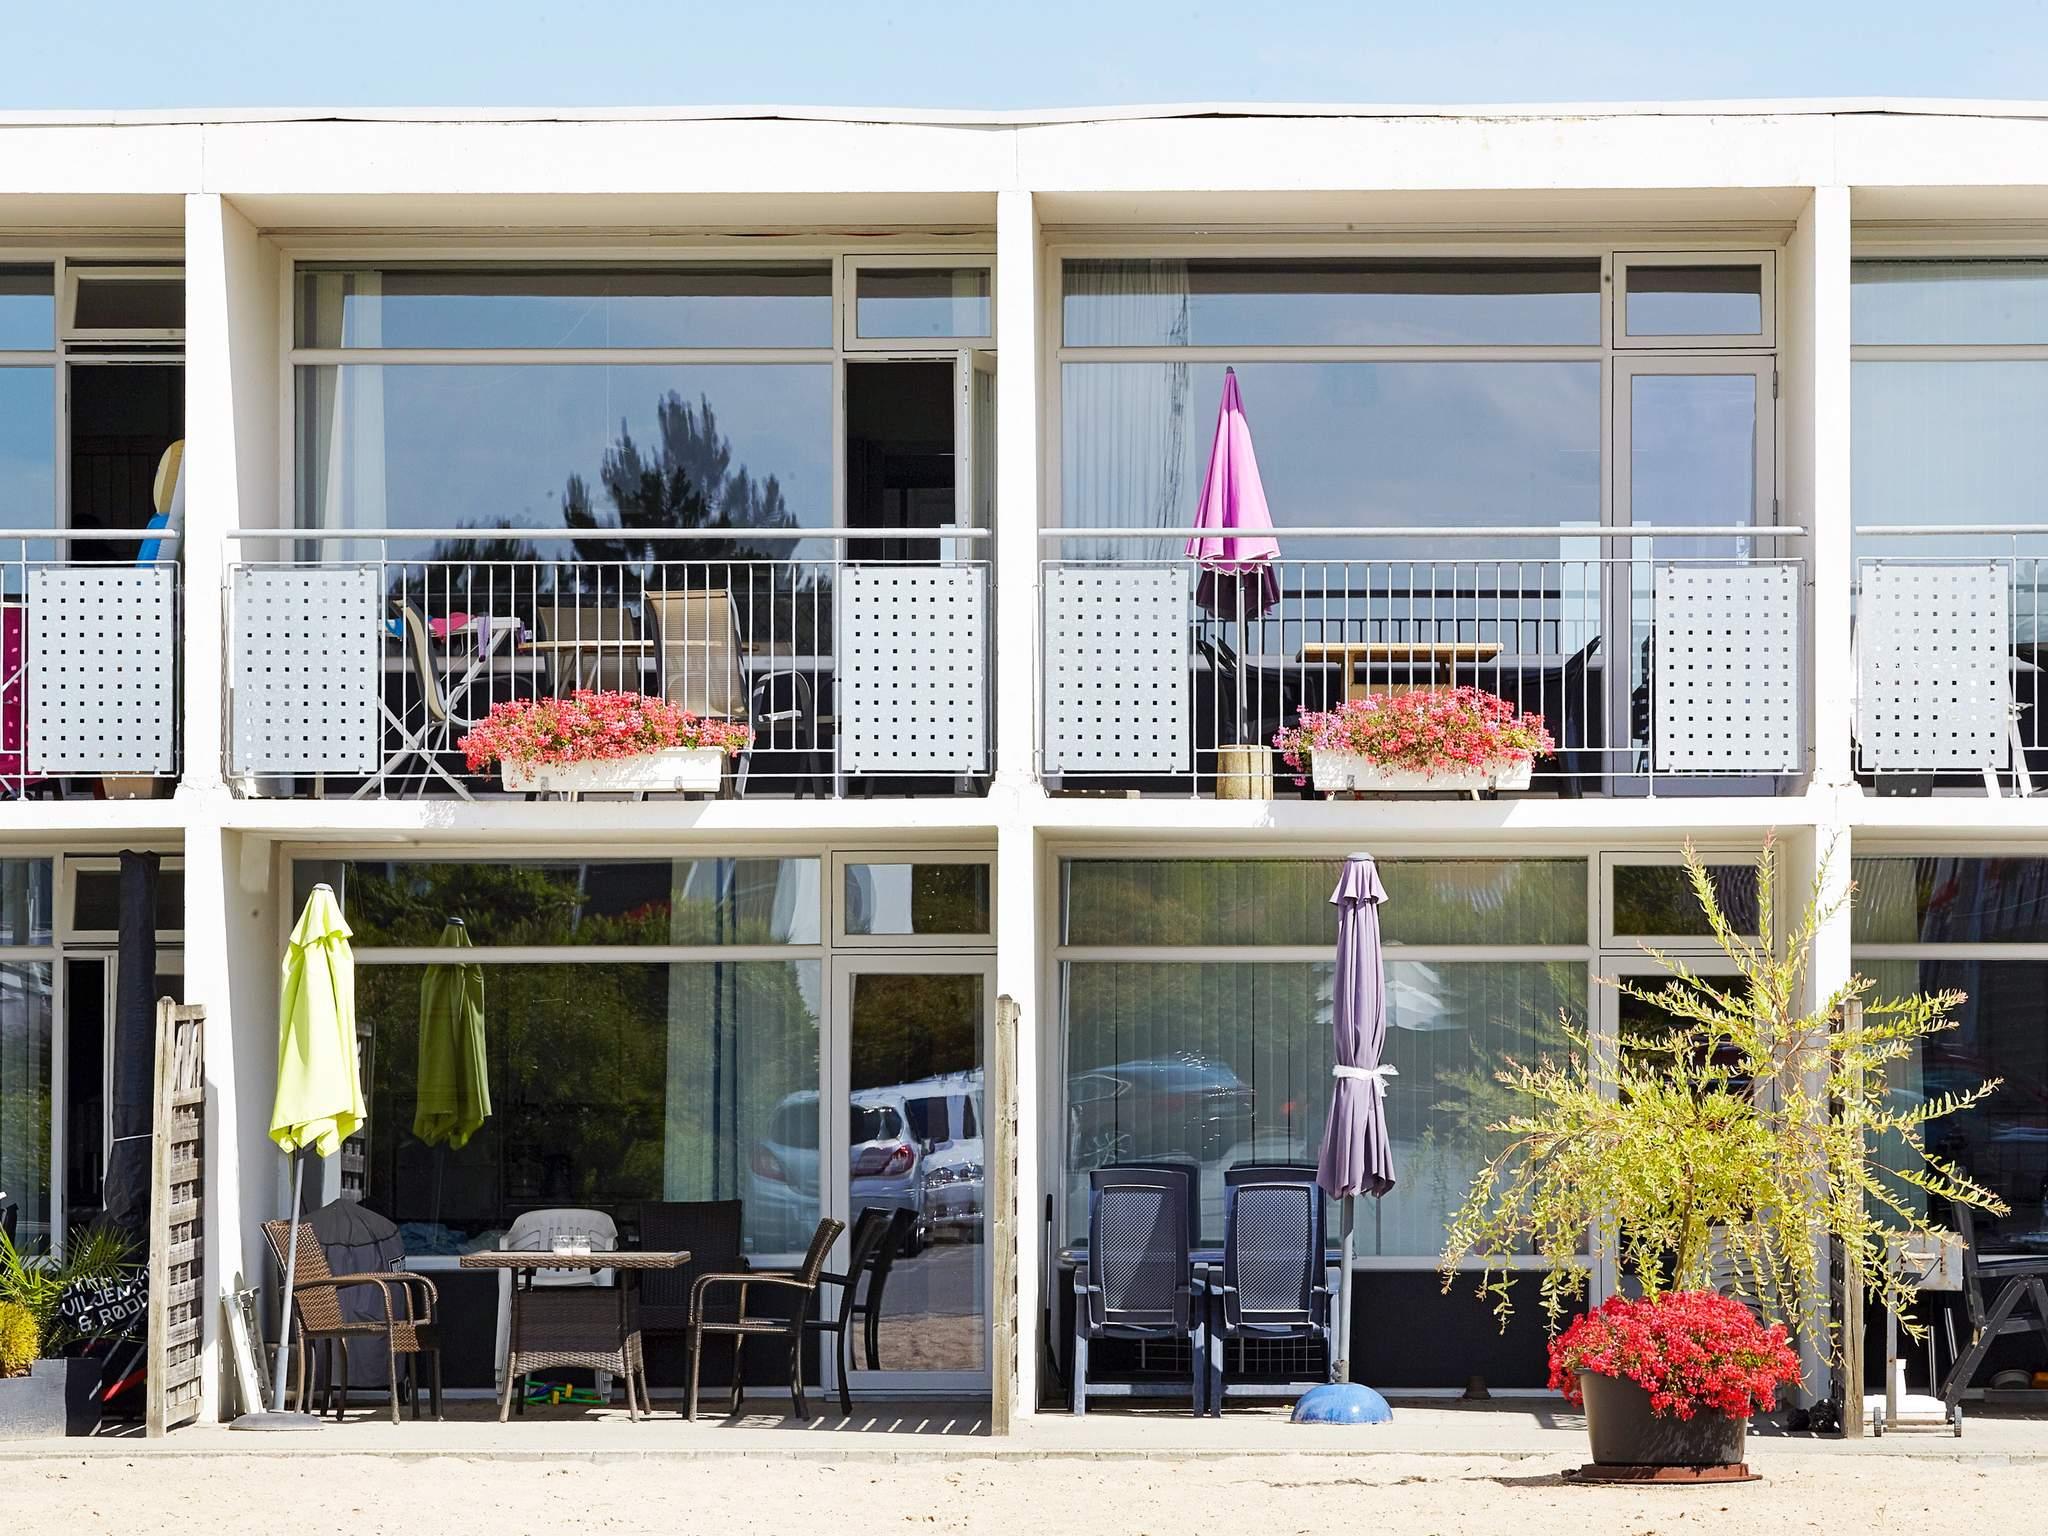 Ferienwohnung Bønnerup Strand - Typ 5 - 3 Zimmer,1.stock,Penthouse (1719346), Bønnerup, , Ostjütland, Dänemark, Bild 28